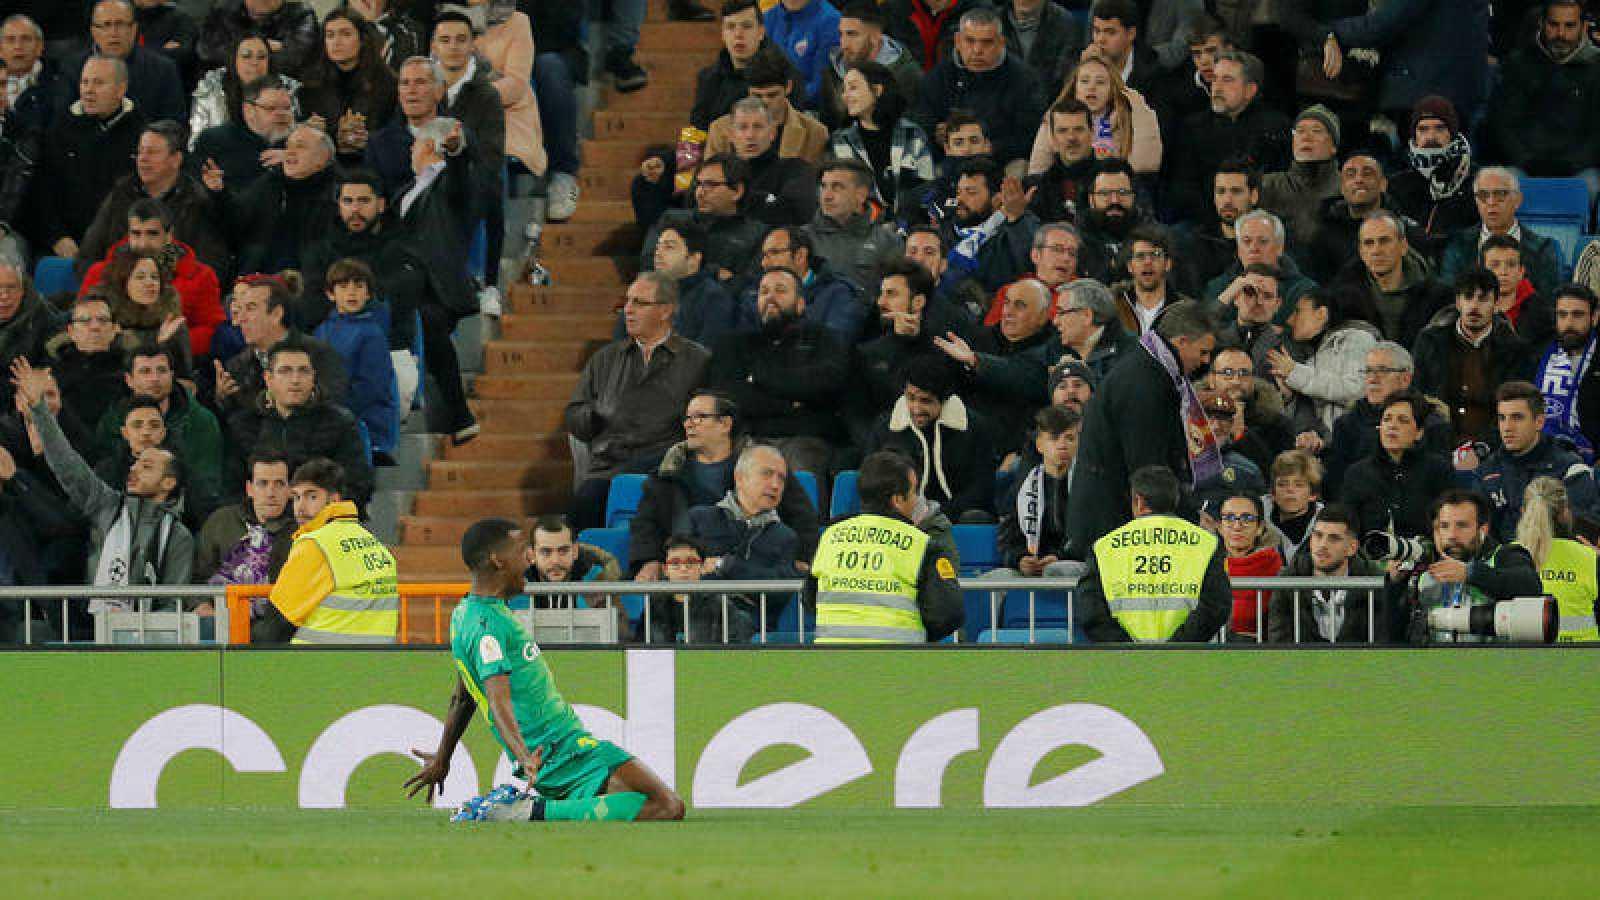 El delantero sueco Alexander Isak celebra su segundo gol ante el Real Madrid en el Santiago Bernabéu.